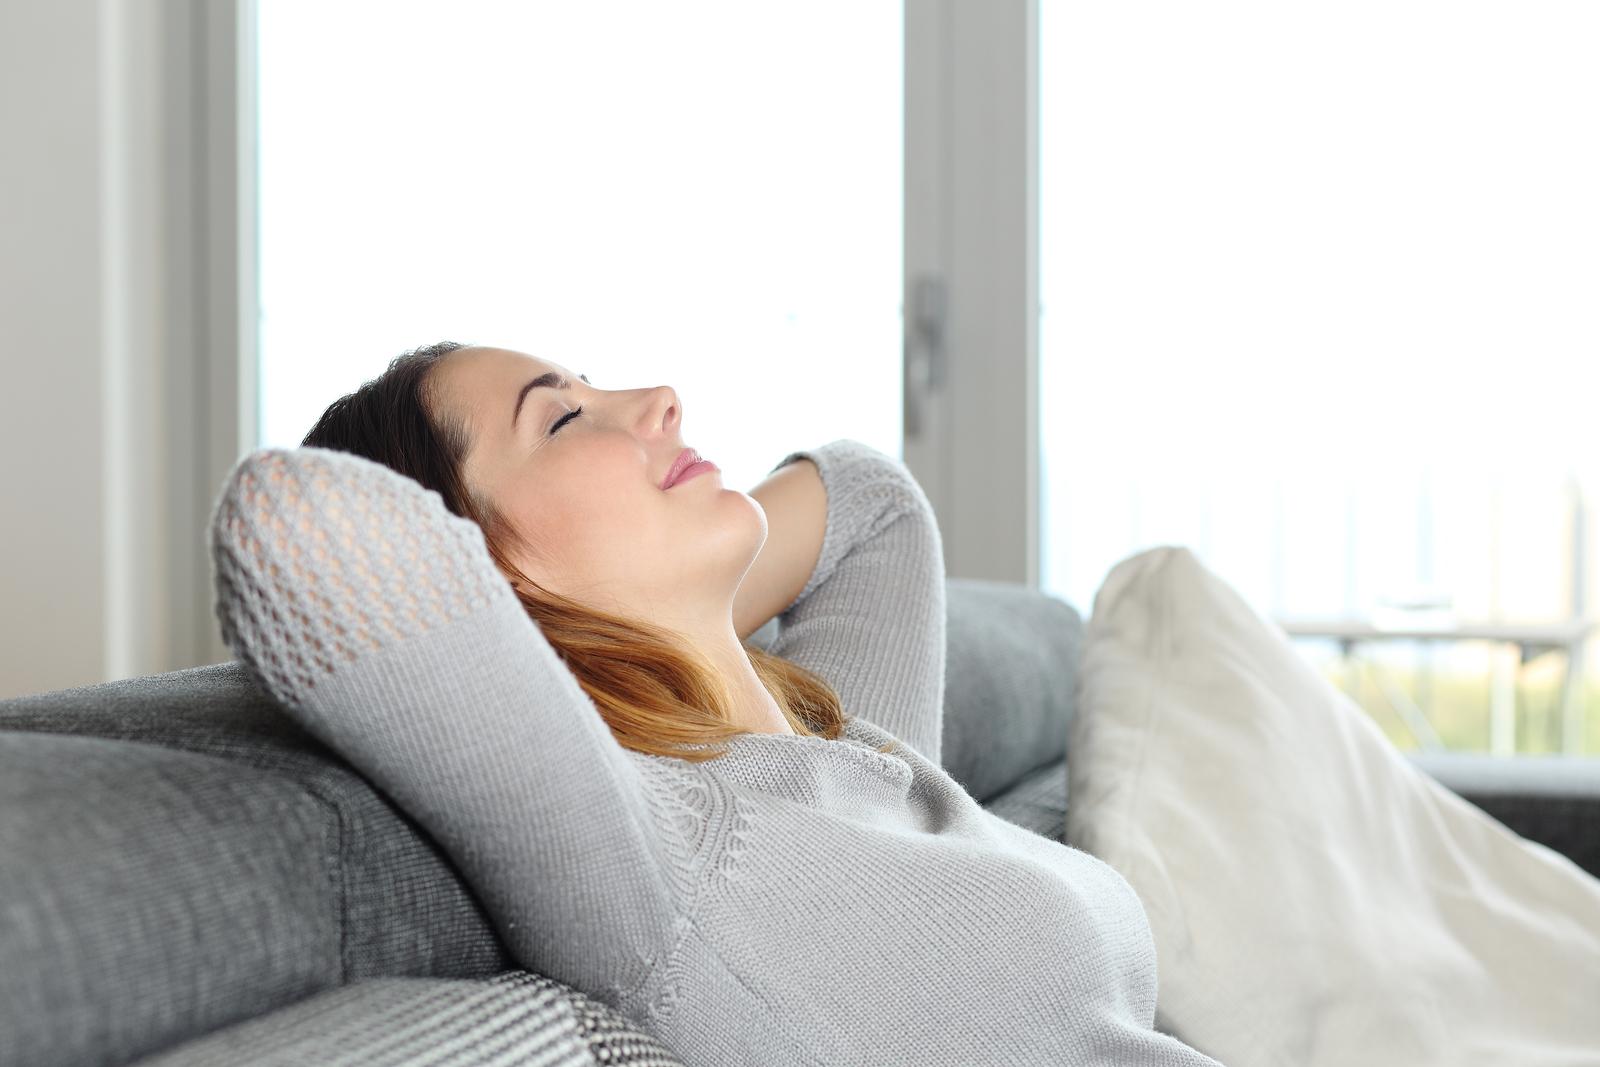 Расслабленные женщины фото 22 фотография